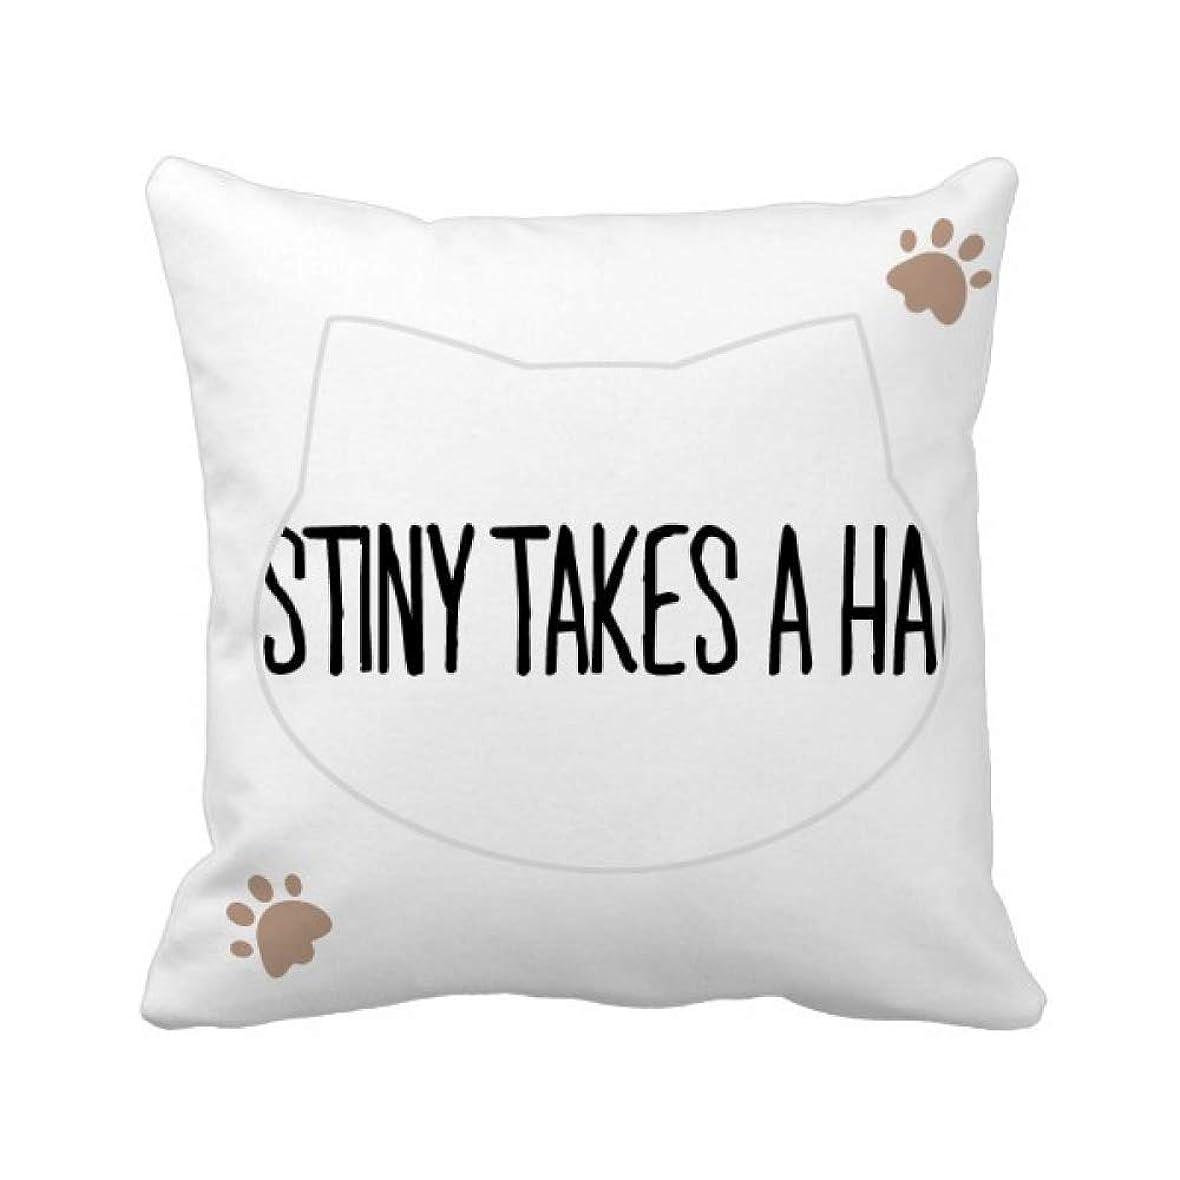 クリエイティブキャメル極小運命の手をとります 枕カバーを放り投げる猫広場 50cm x 50cm